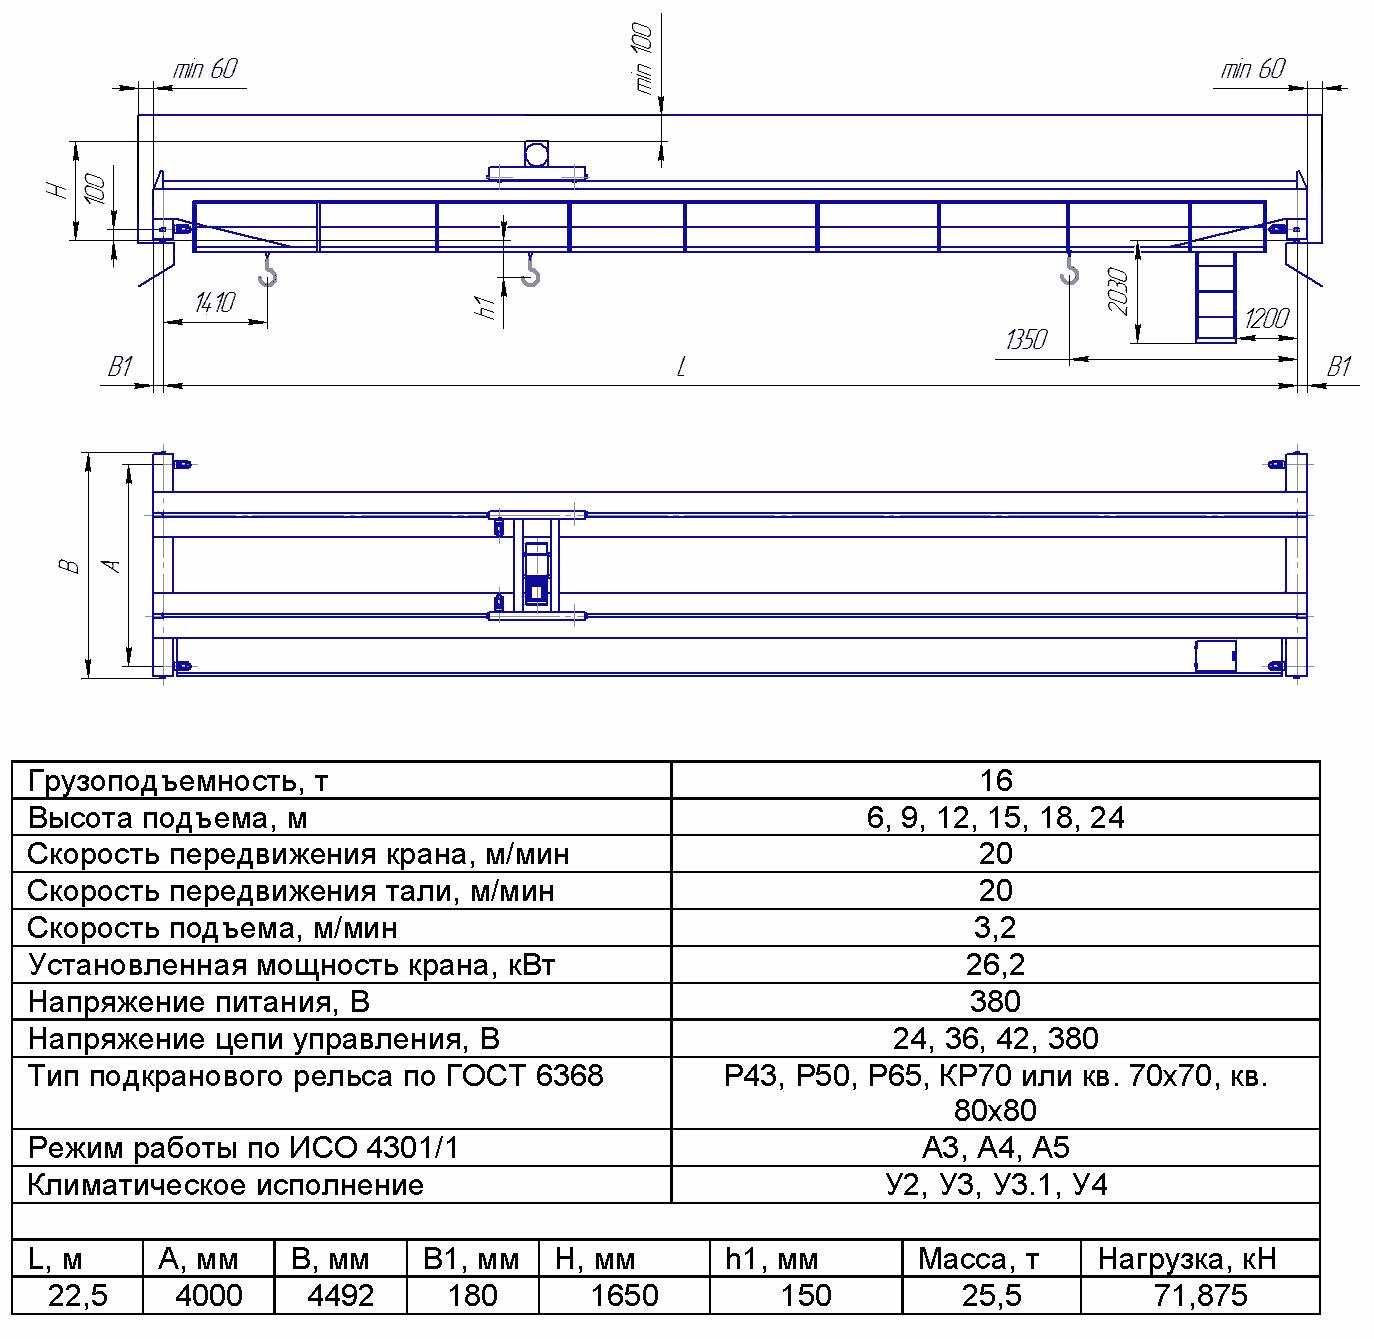 KMON 4 5 - Опорный мостовой кран общего назначения